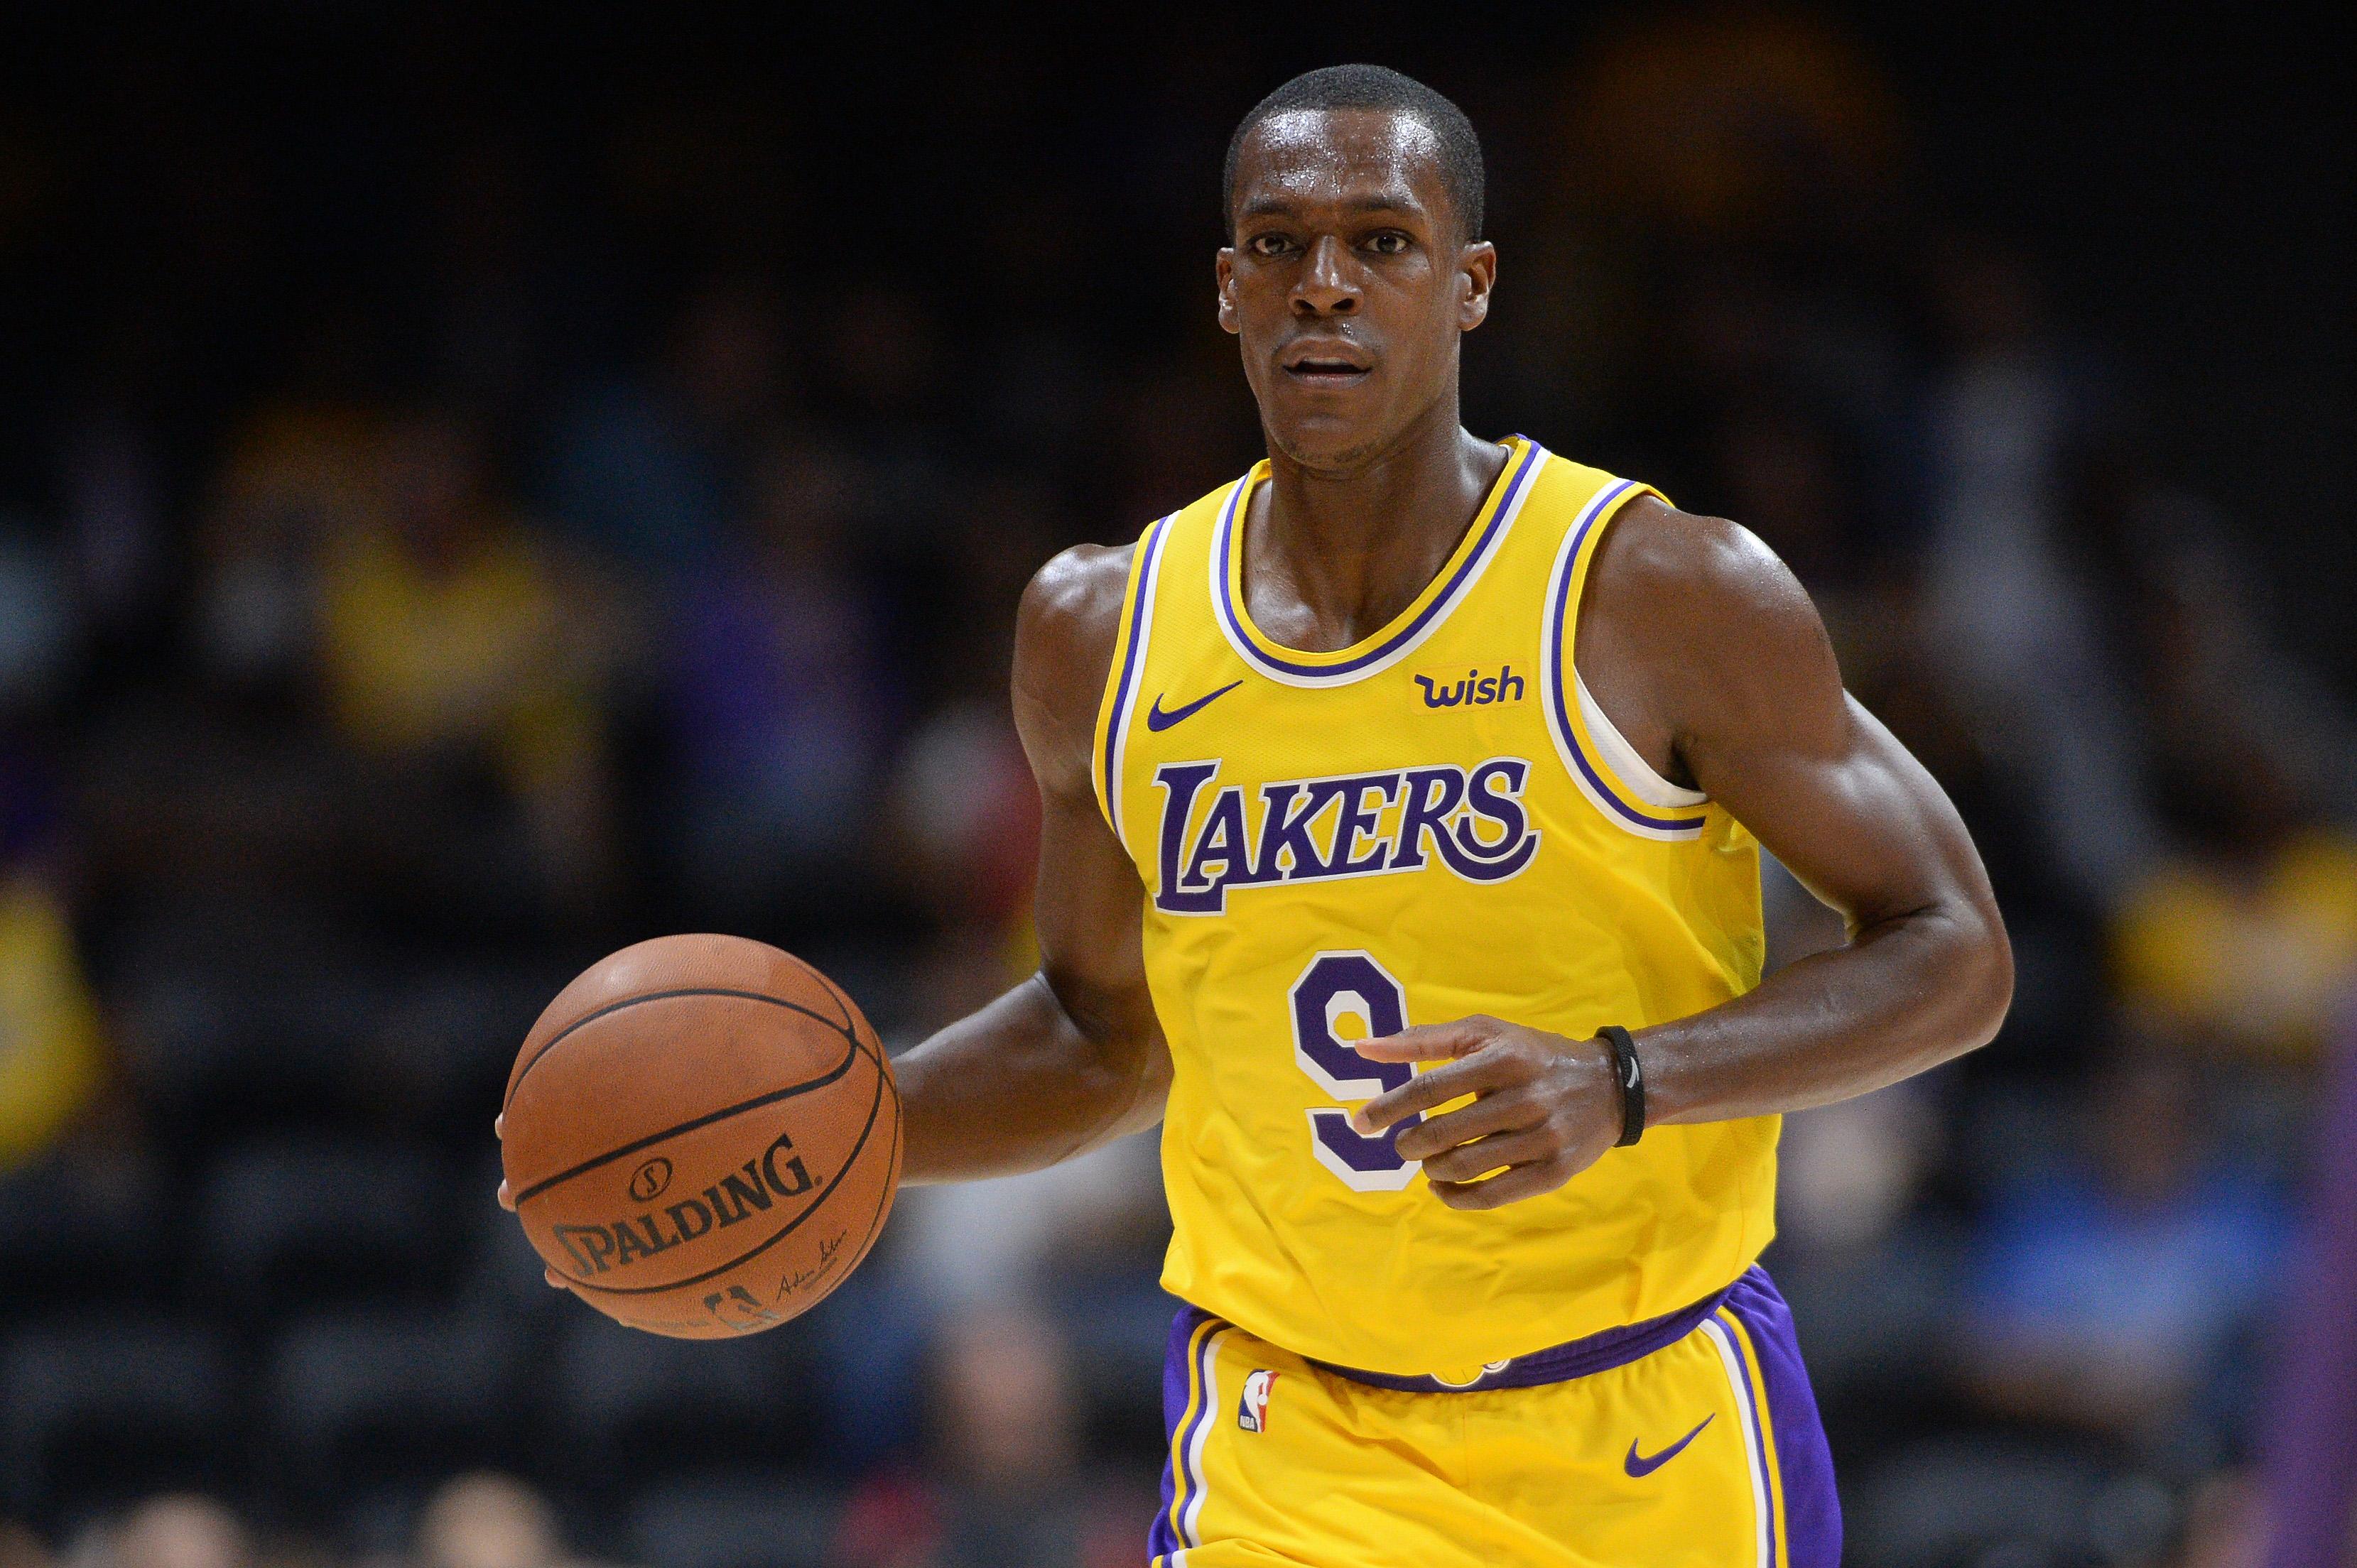 Rajon Rondo voices high praise toward Lakers